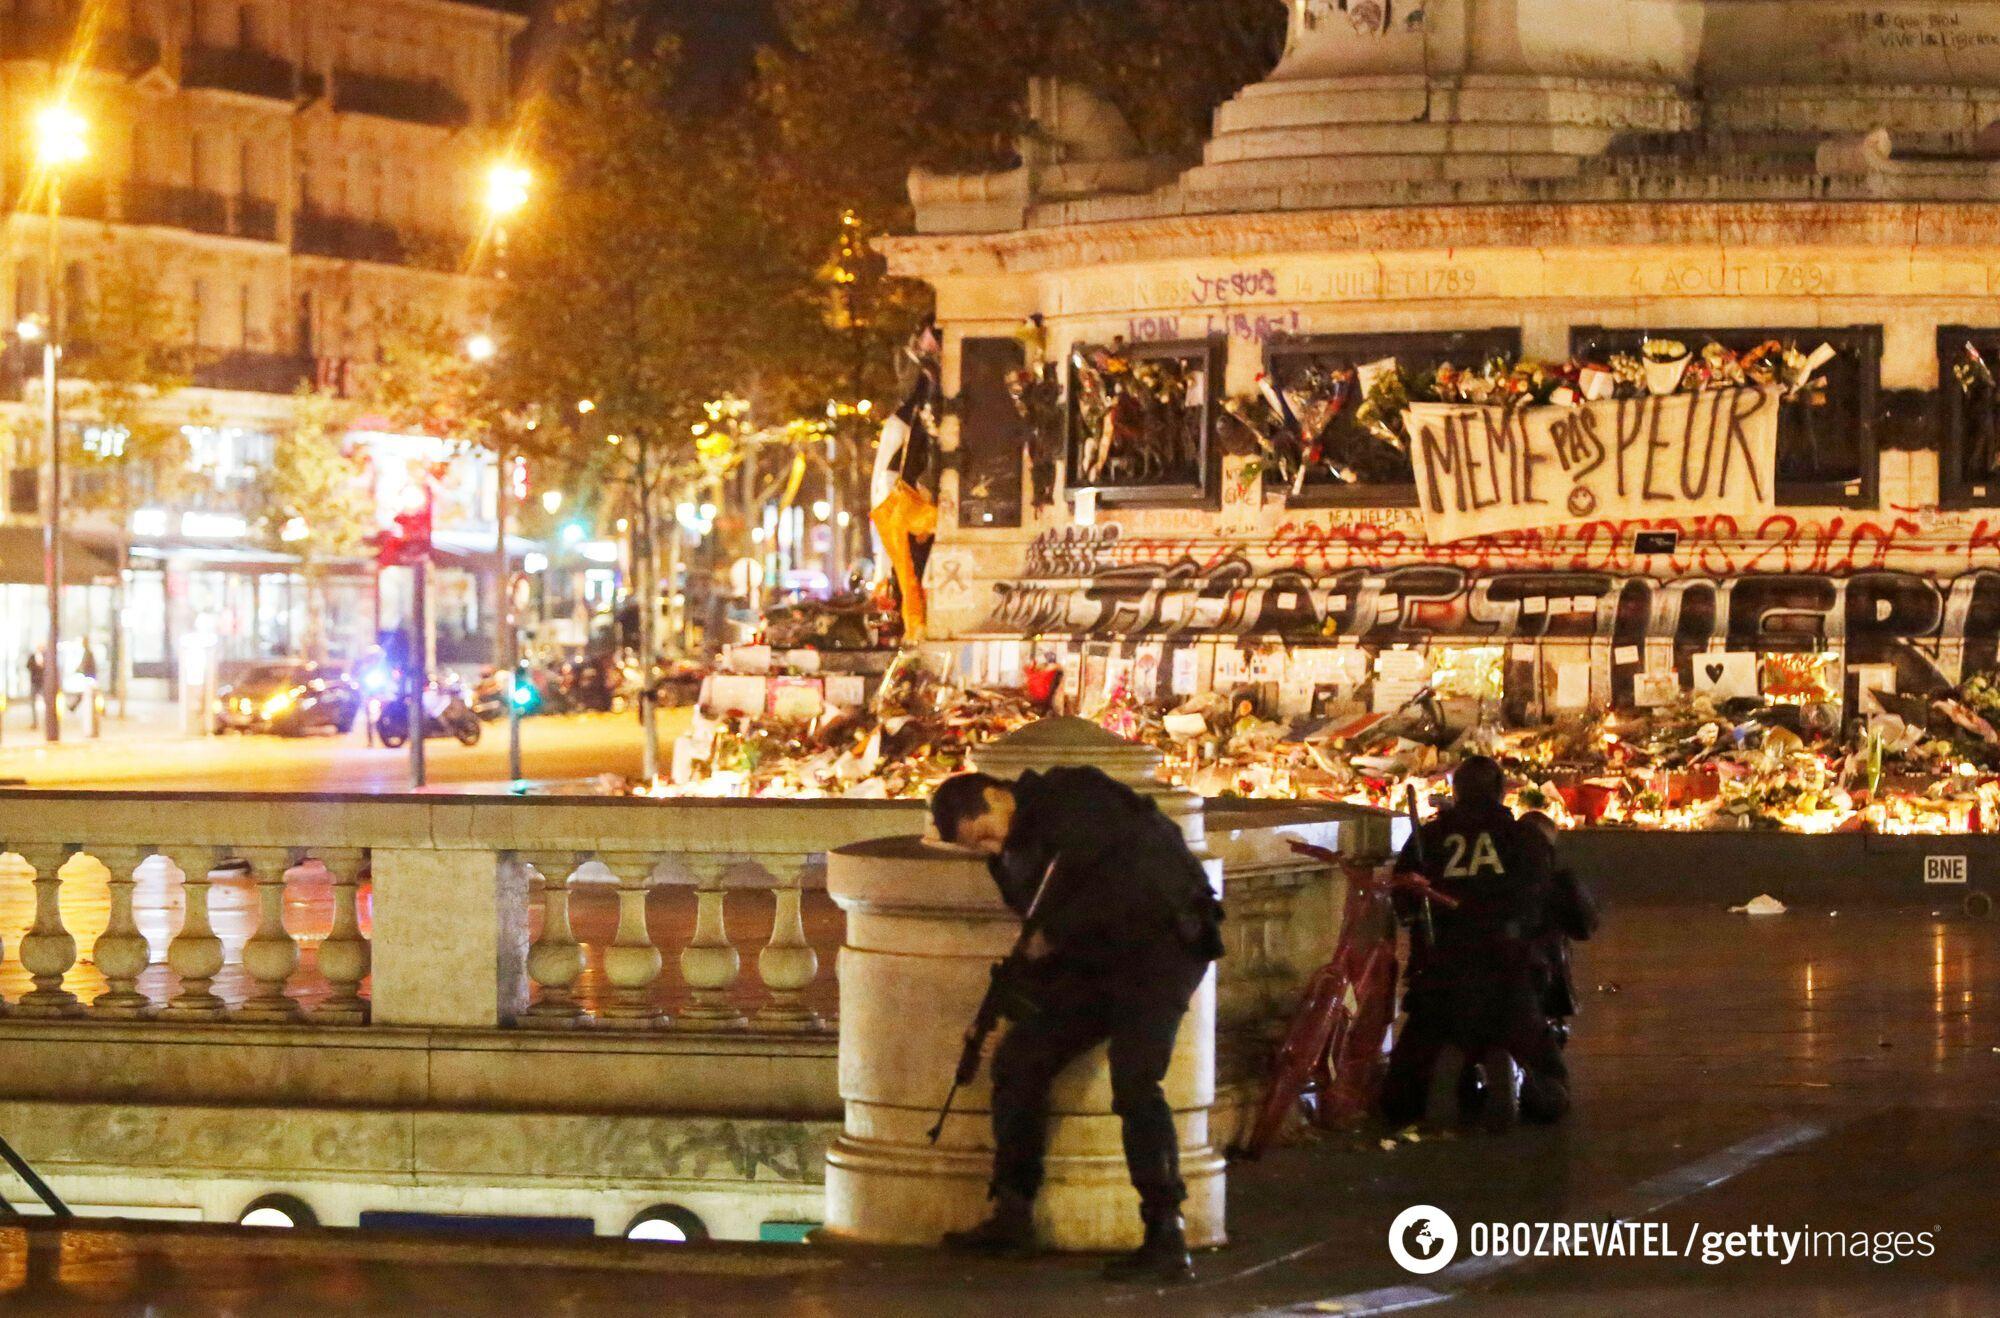 В связи с серией терактов во Франции в четвертый раз за ее историю было введено чрезвычайное положение